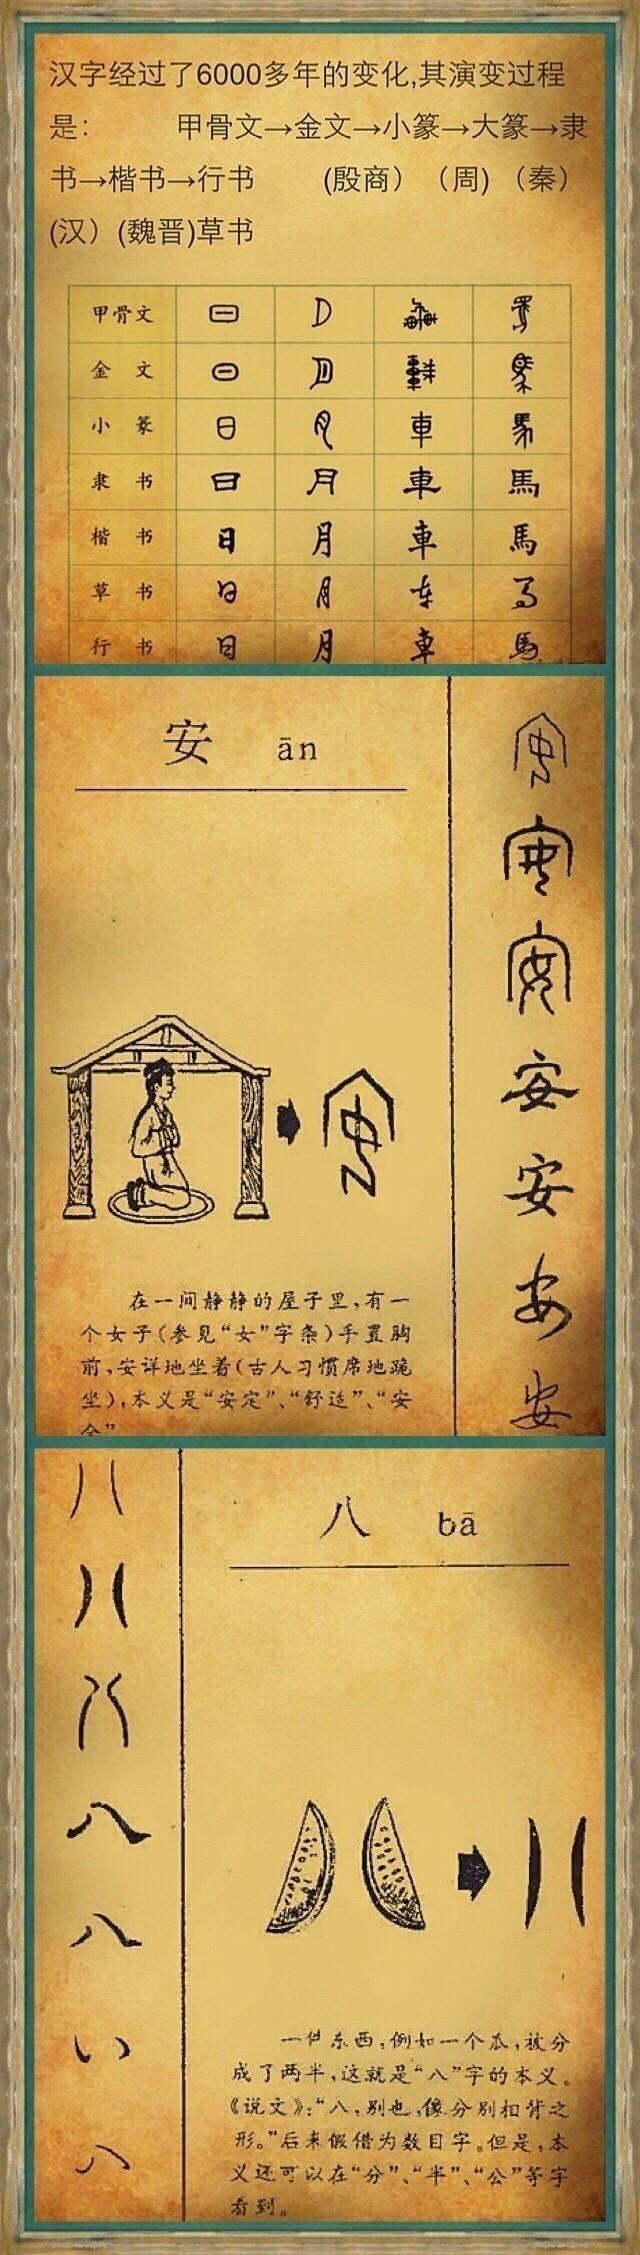 中国汉字的演变史,6000年的成长轨迹!